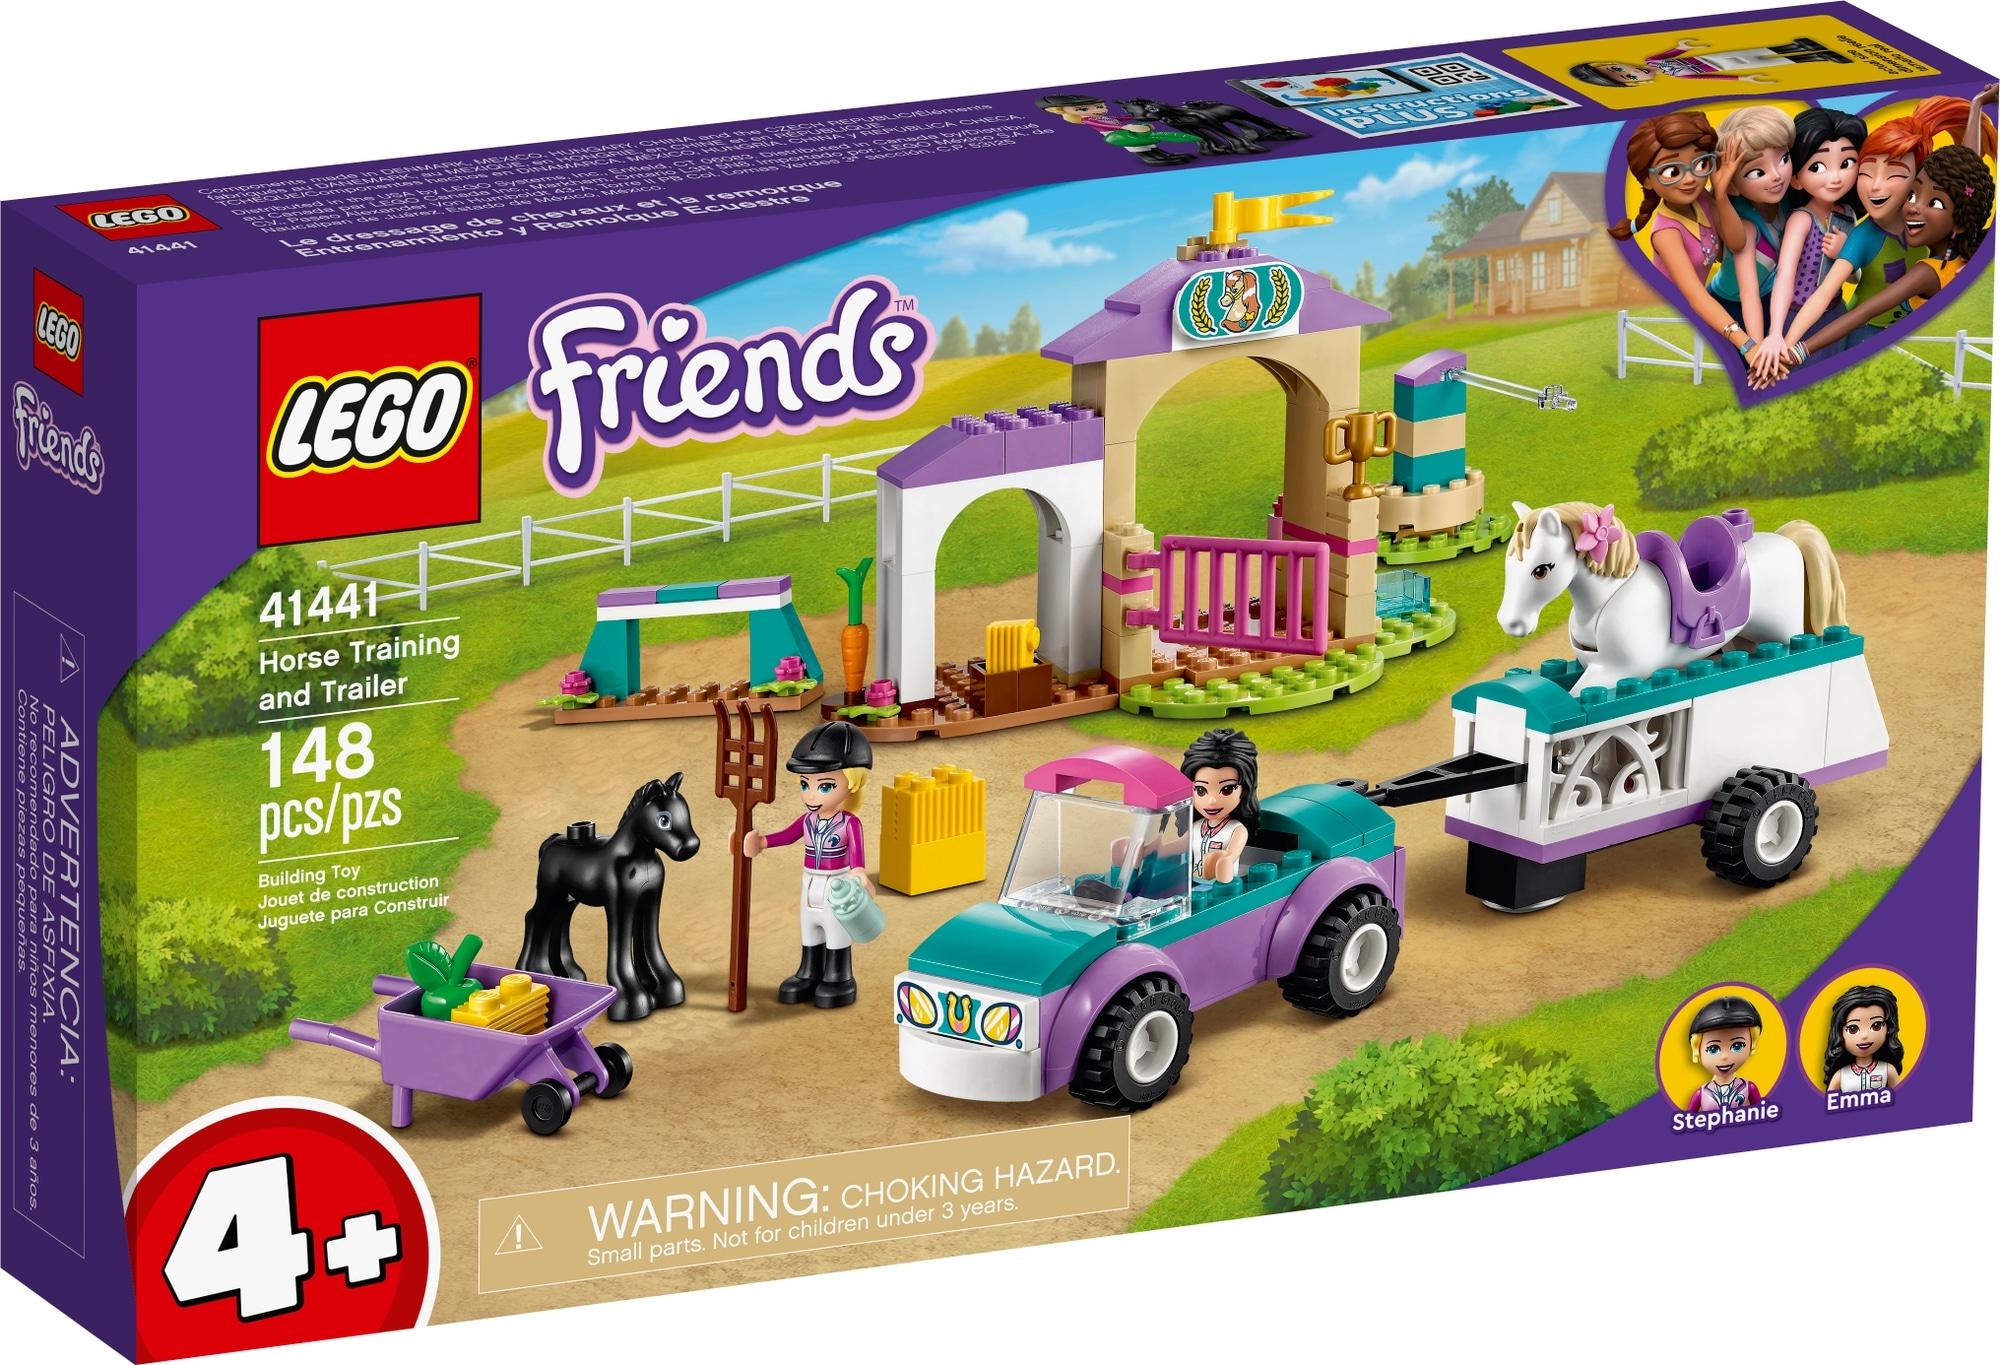 LEGO Friends 41441 Trainingskoppel Und Pferdeanhänger 2